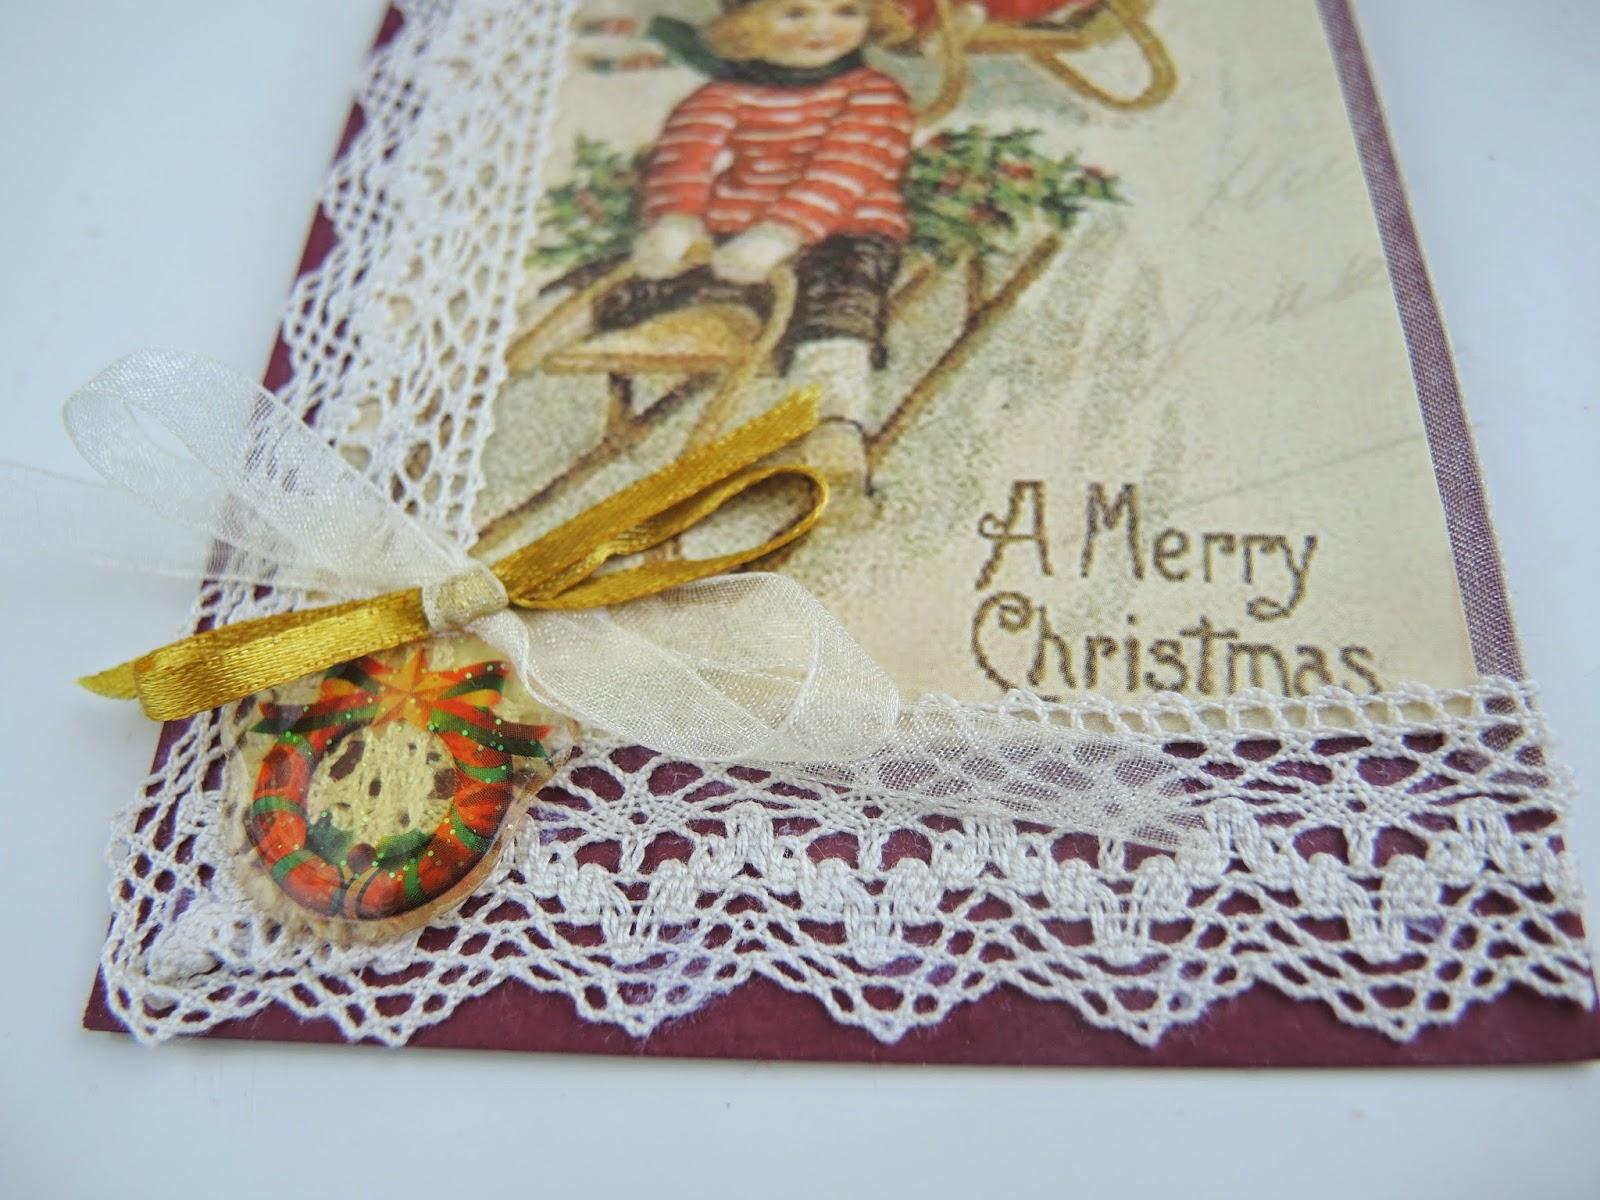 винтажные открытки с новым годом, открытки винтаж скрапб своими руками поздравления кружево ленты картон наклейки